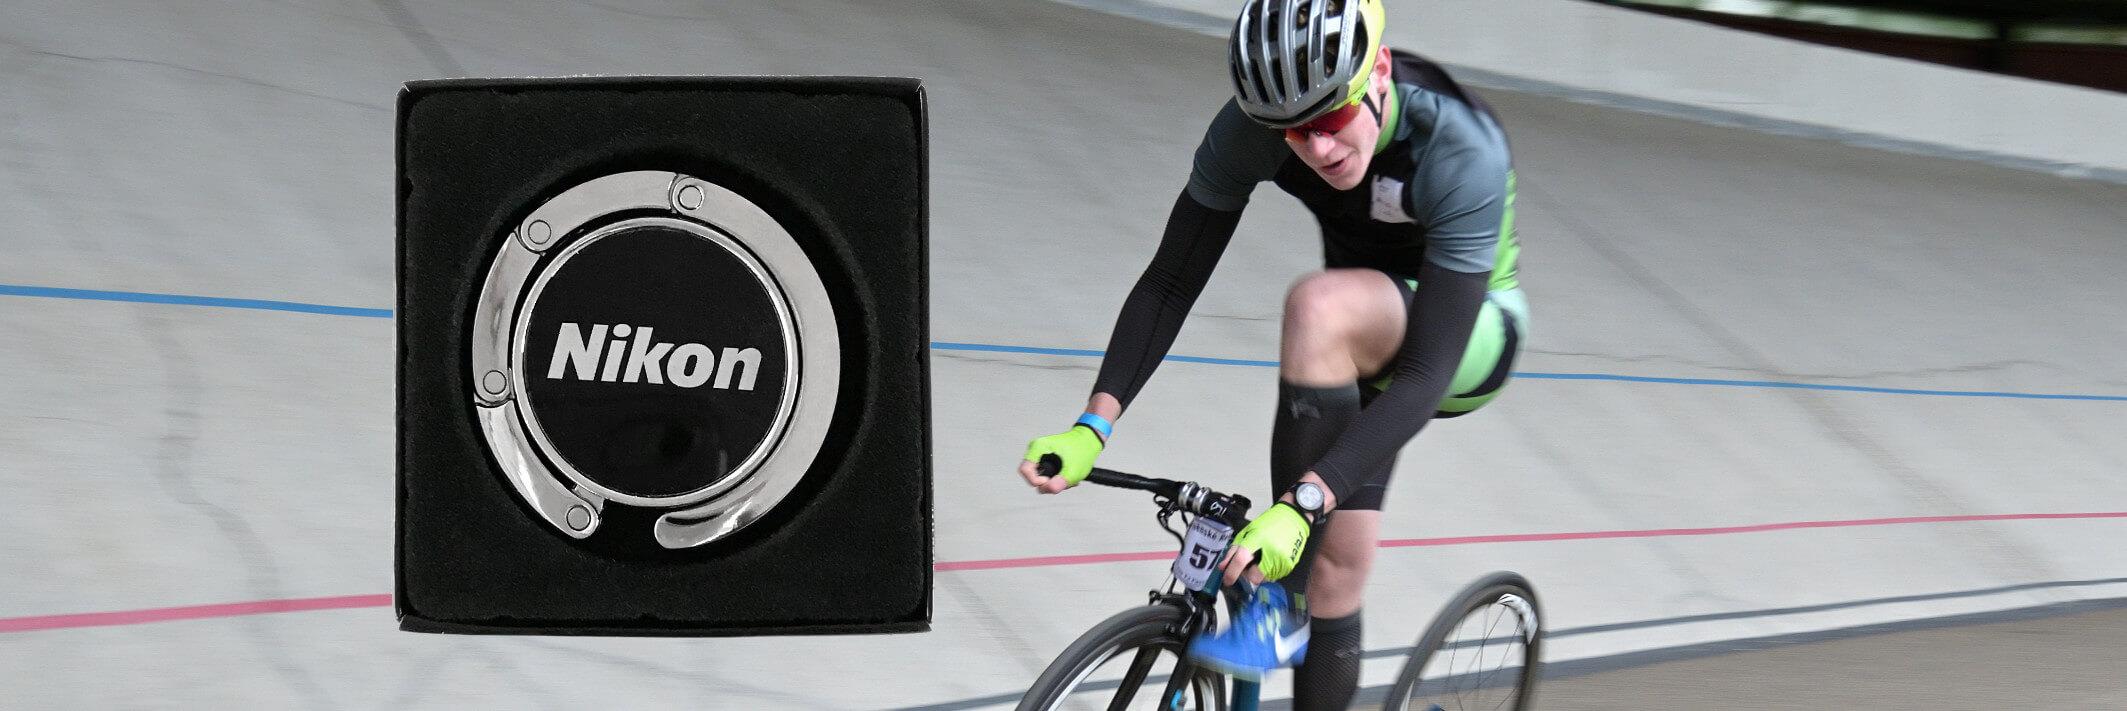 """Říjnová Fotka měsíce Nikonblogu na téma sport. A """"tajná"""" výhra k tomu"""